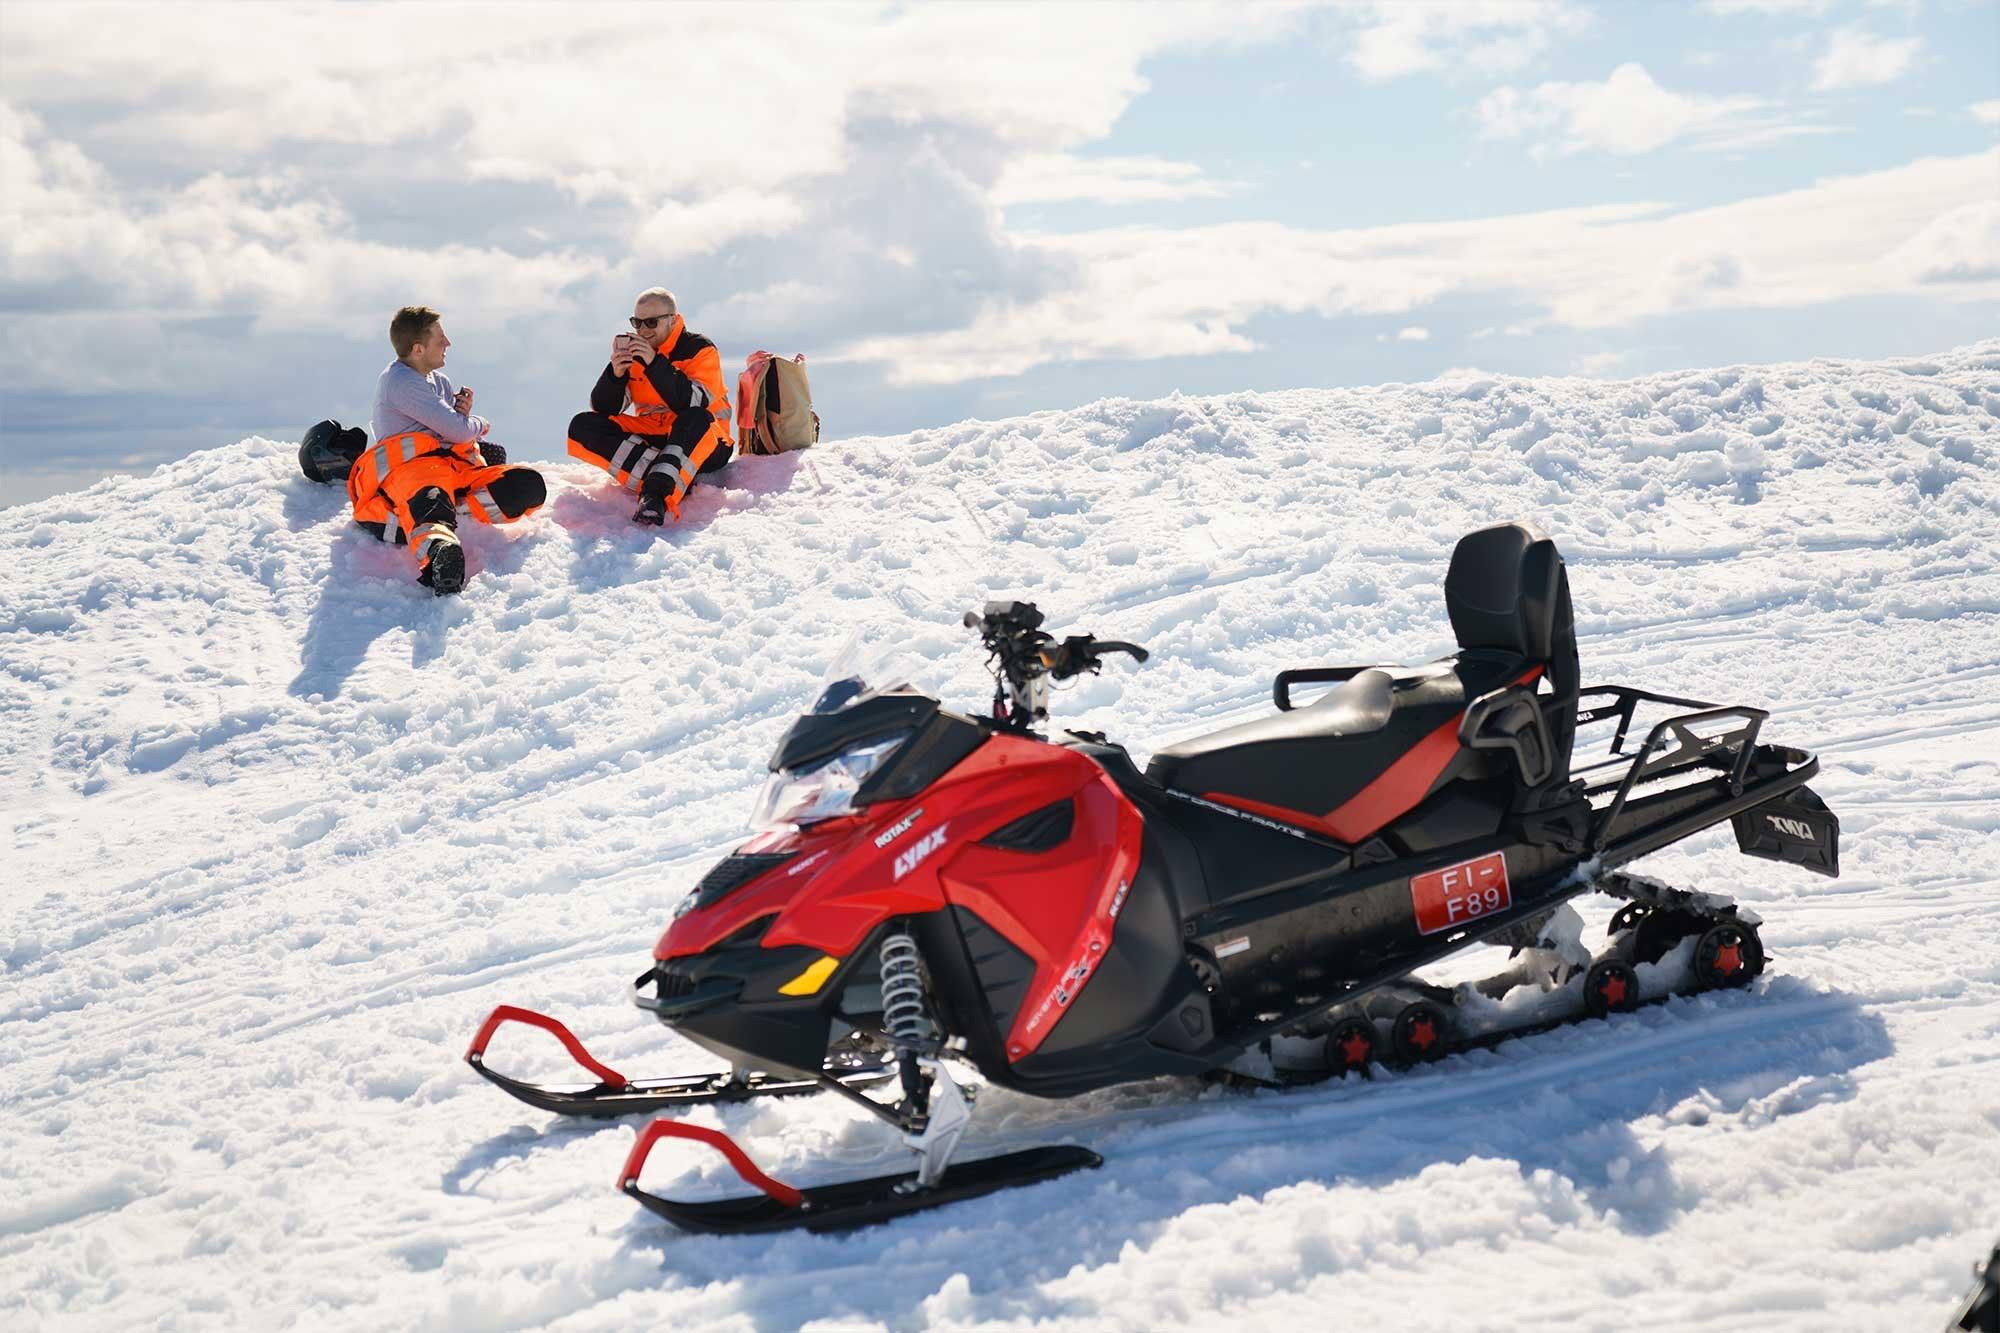 冰岛雪地摩托,冰岛的雪地摩托、冰原摩托